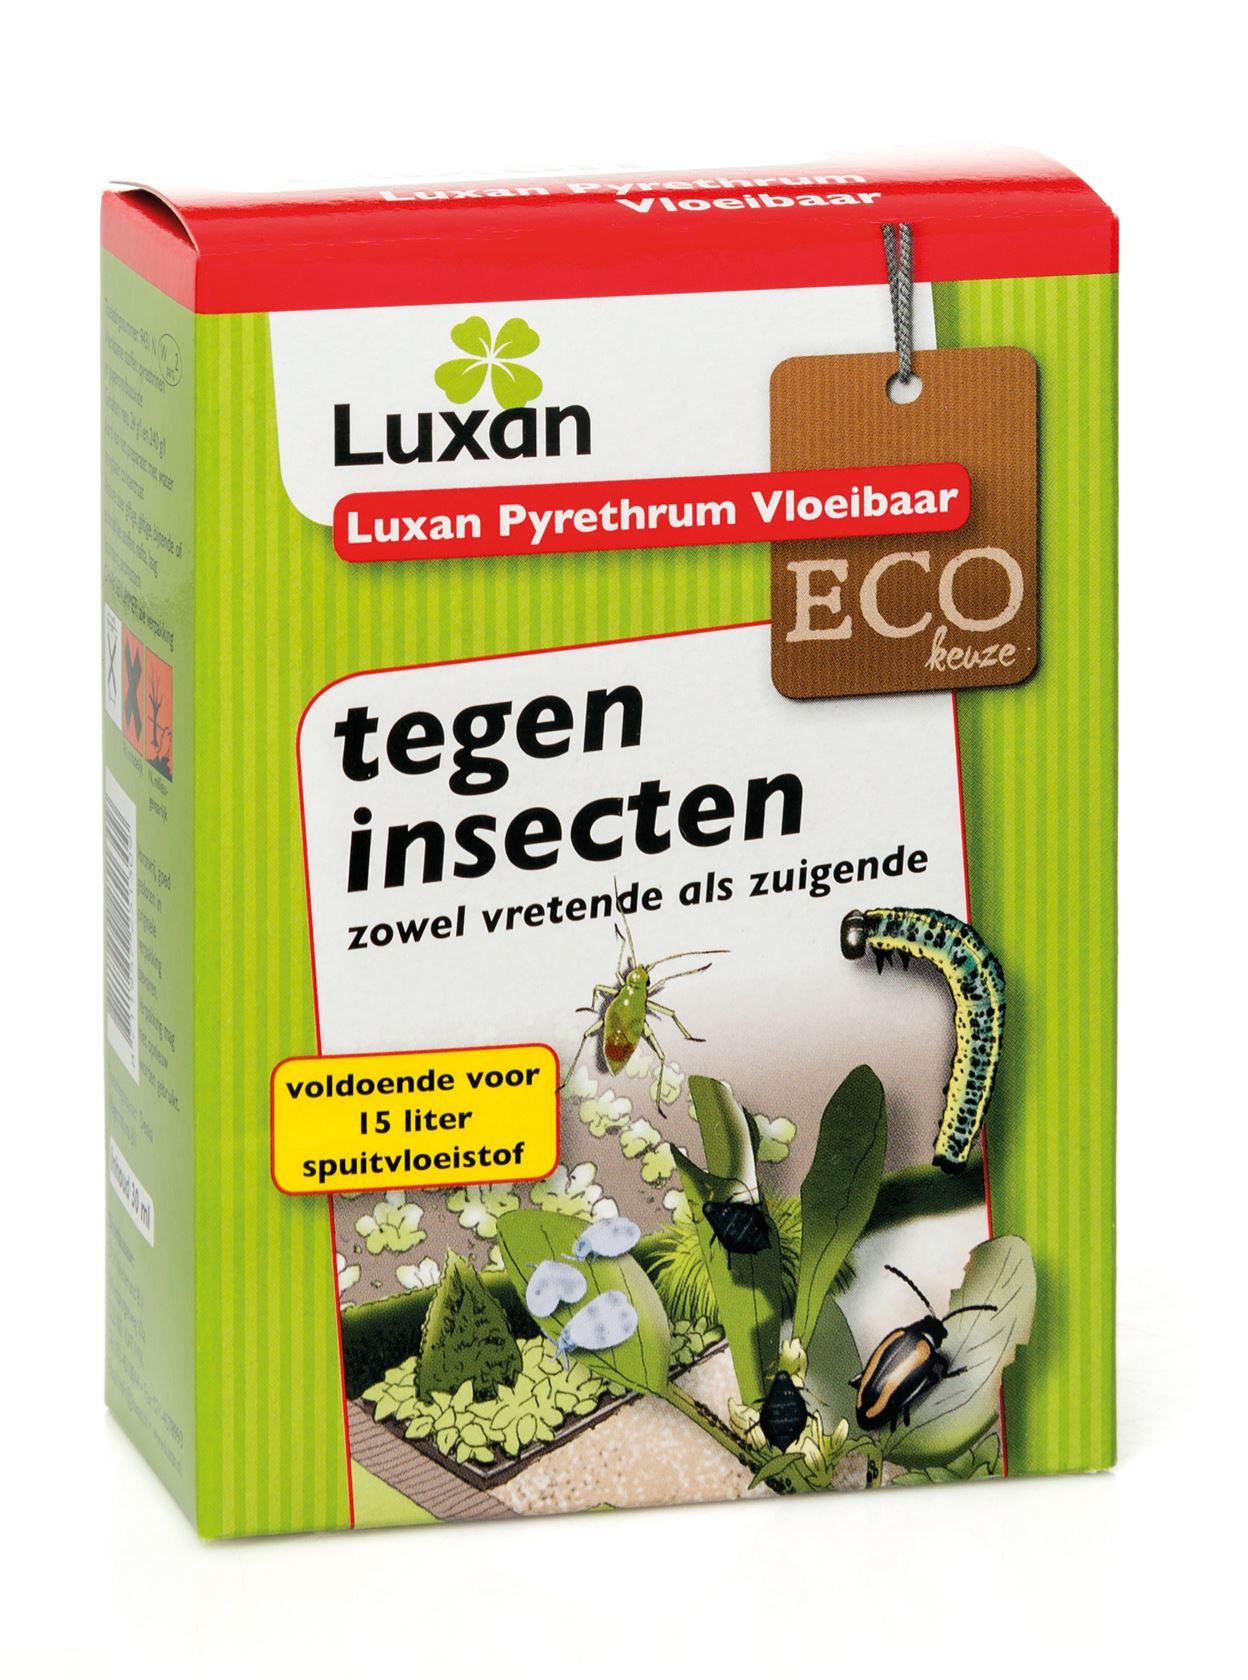 Luxan pyrethrum vloeibaar - 30 ml - tegen vele insecten